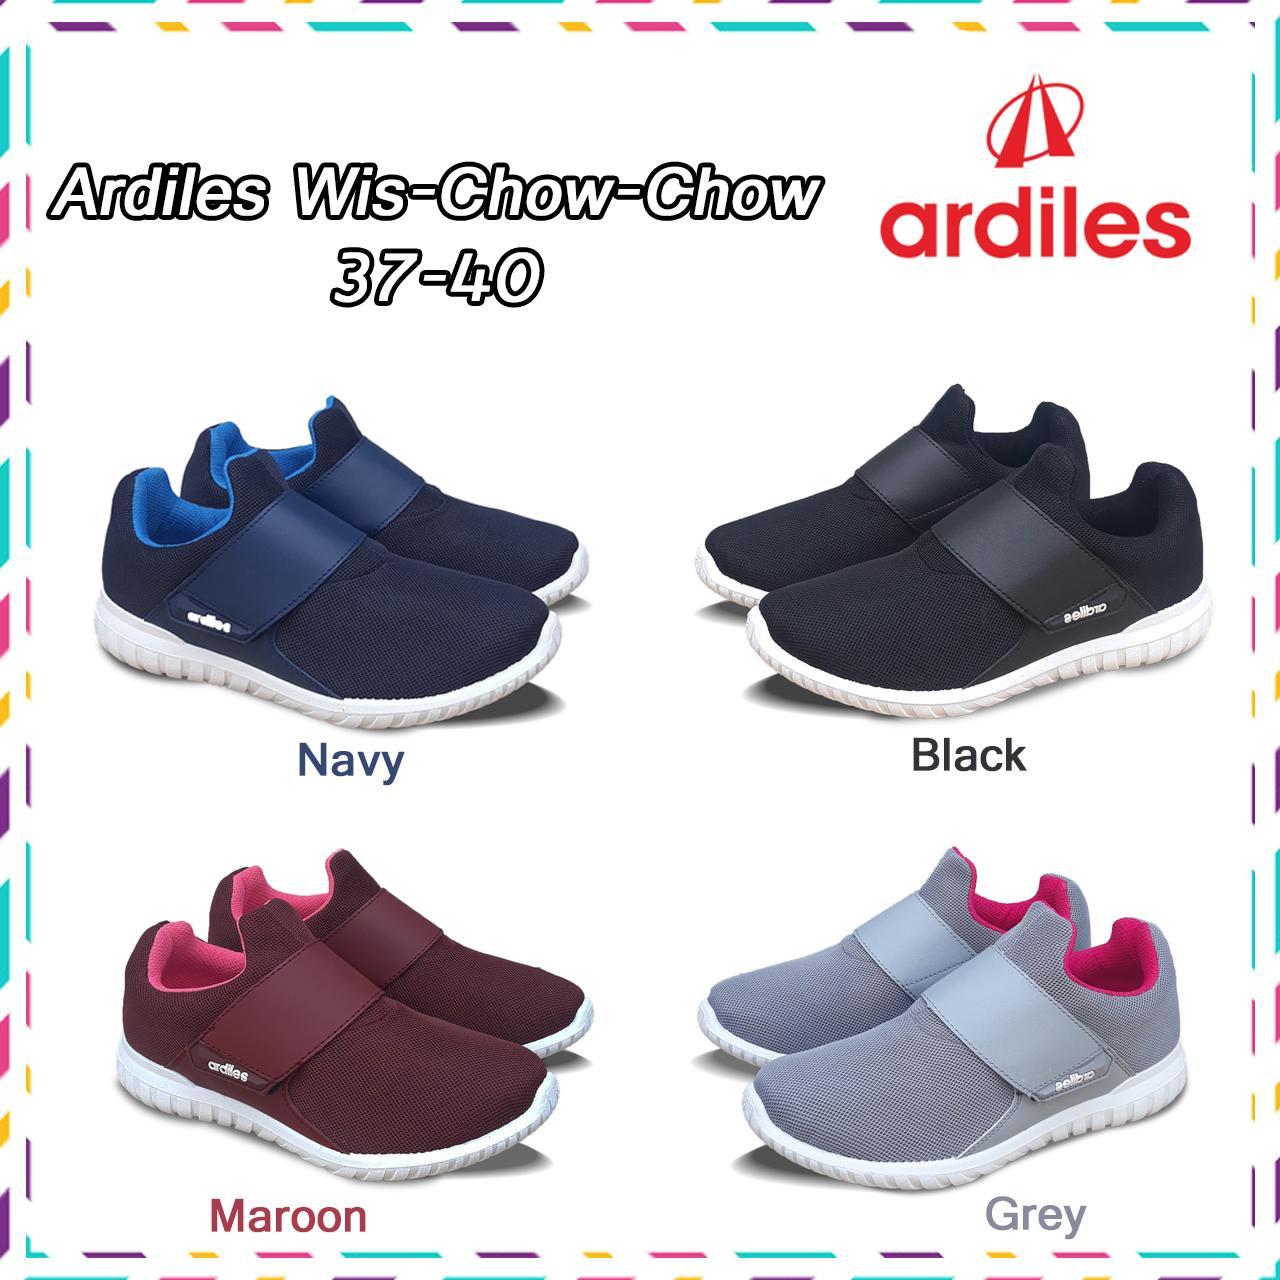 BOSMUDA - Sepatu Slip On Ardiles WIS-CHOW-CHOW 37-40   Sepatu a8cb08b963